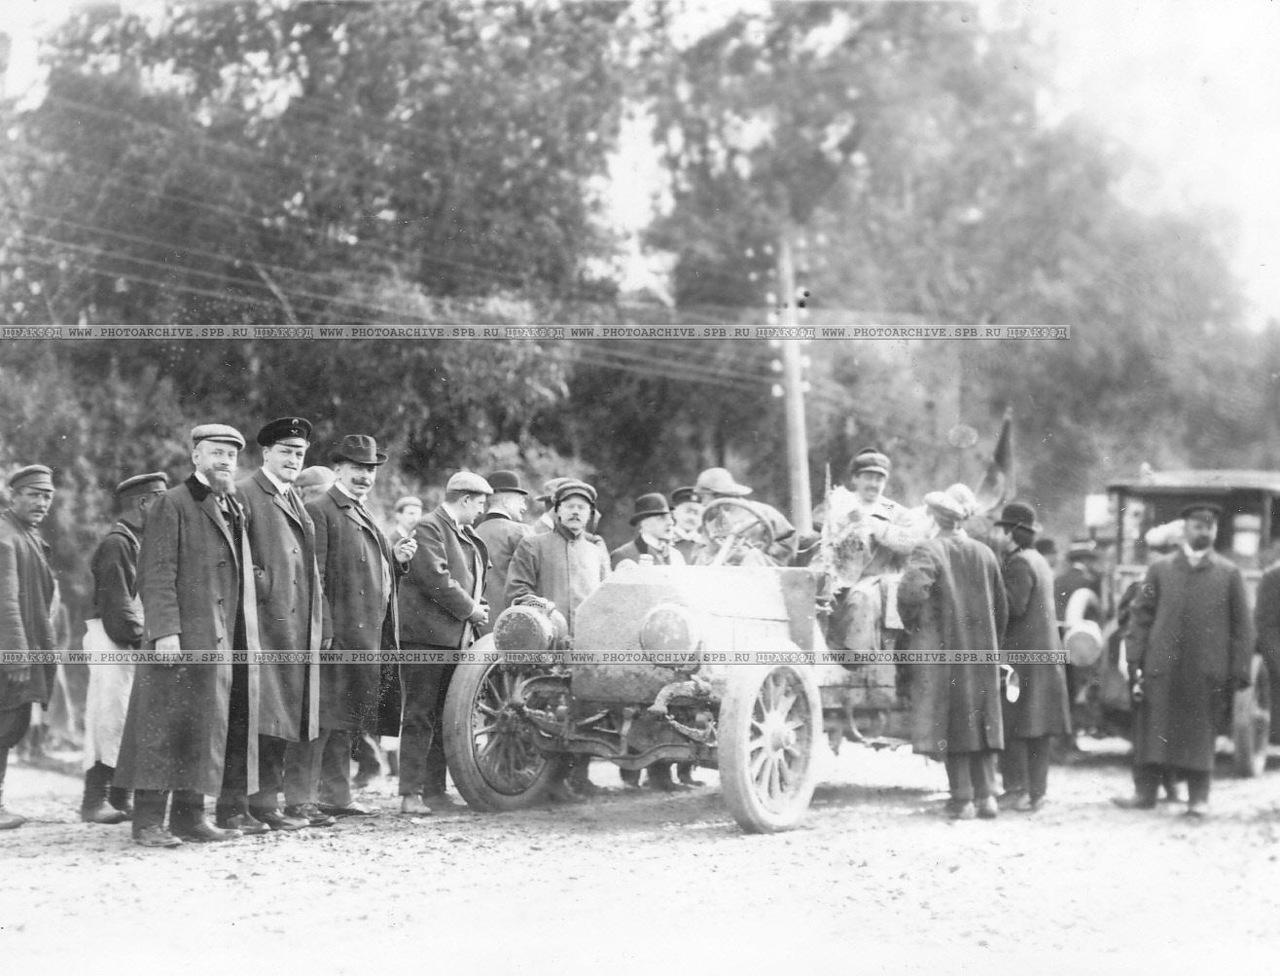 0_a678d_cc9b6828_XXXLВстреча первой машины марки Дитрих Антуана Дюре (Франция), участницы автопробега на Петергофском шоссе